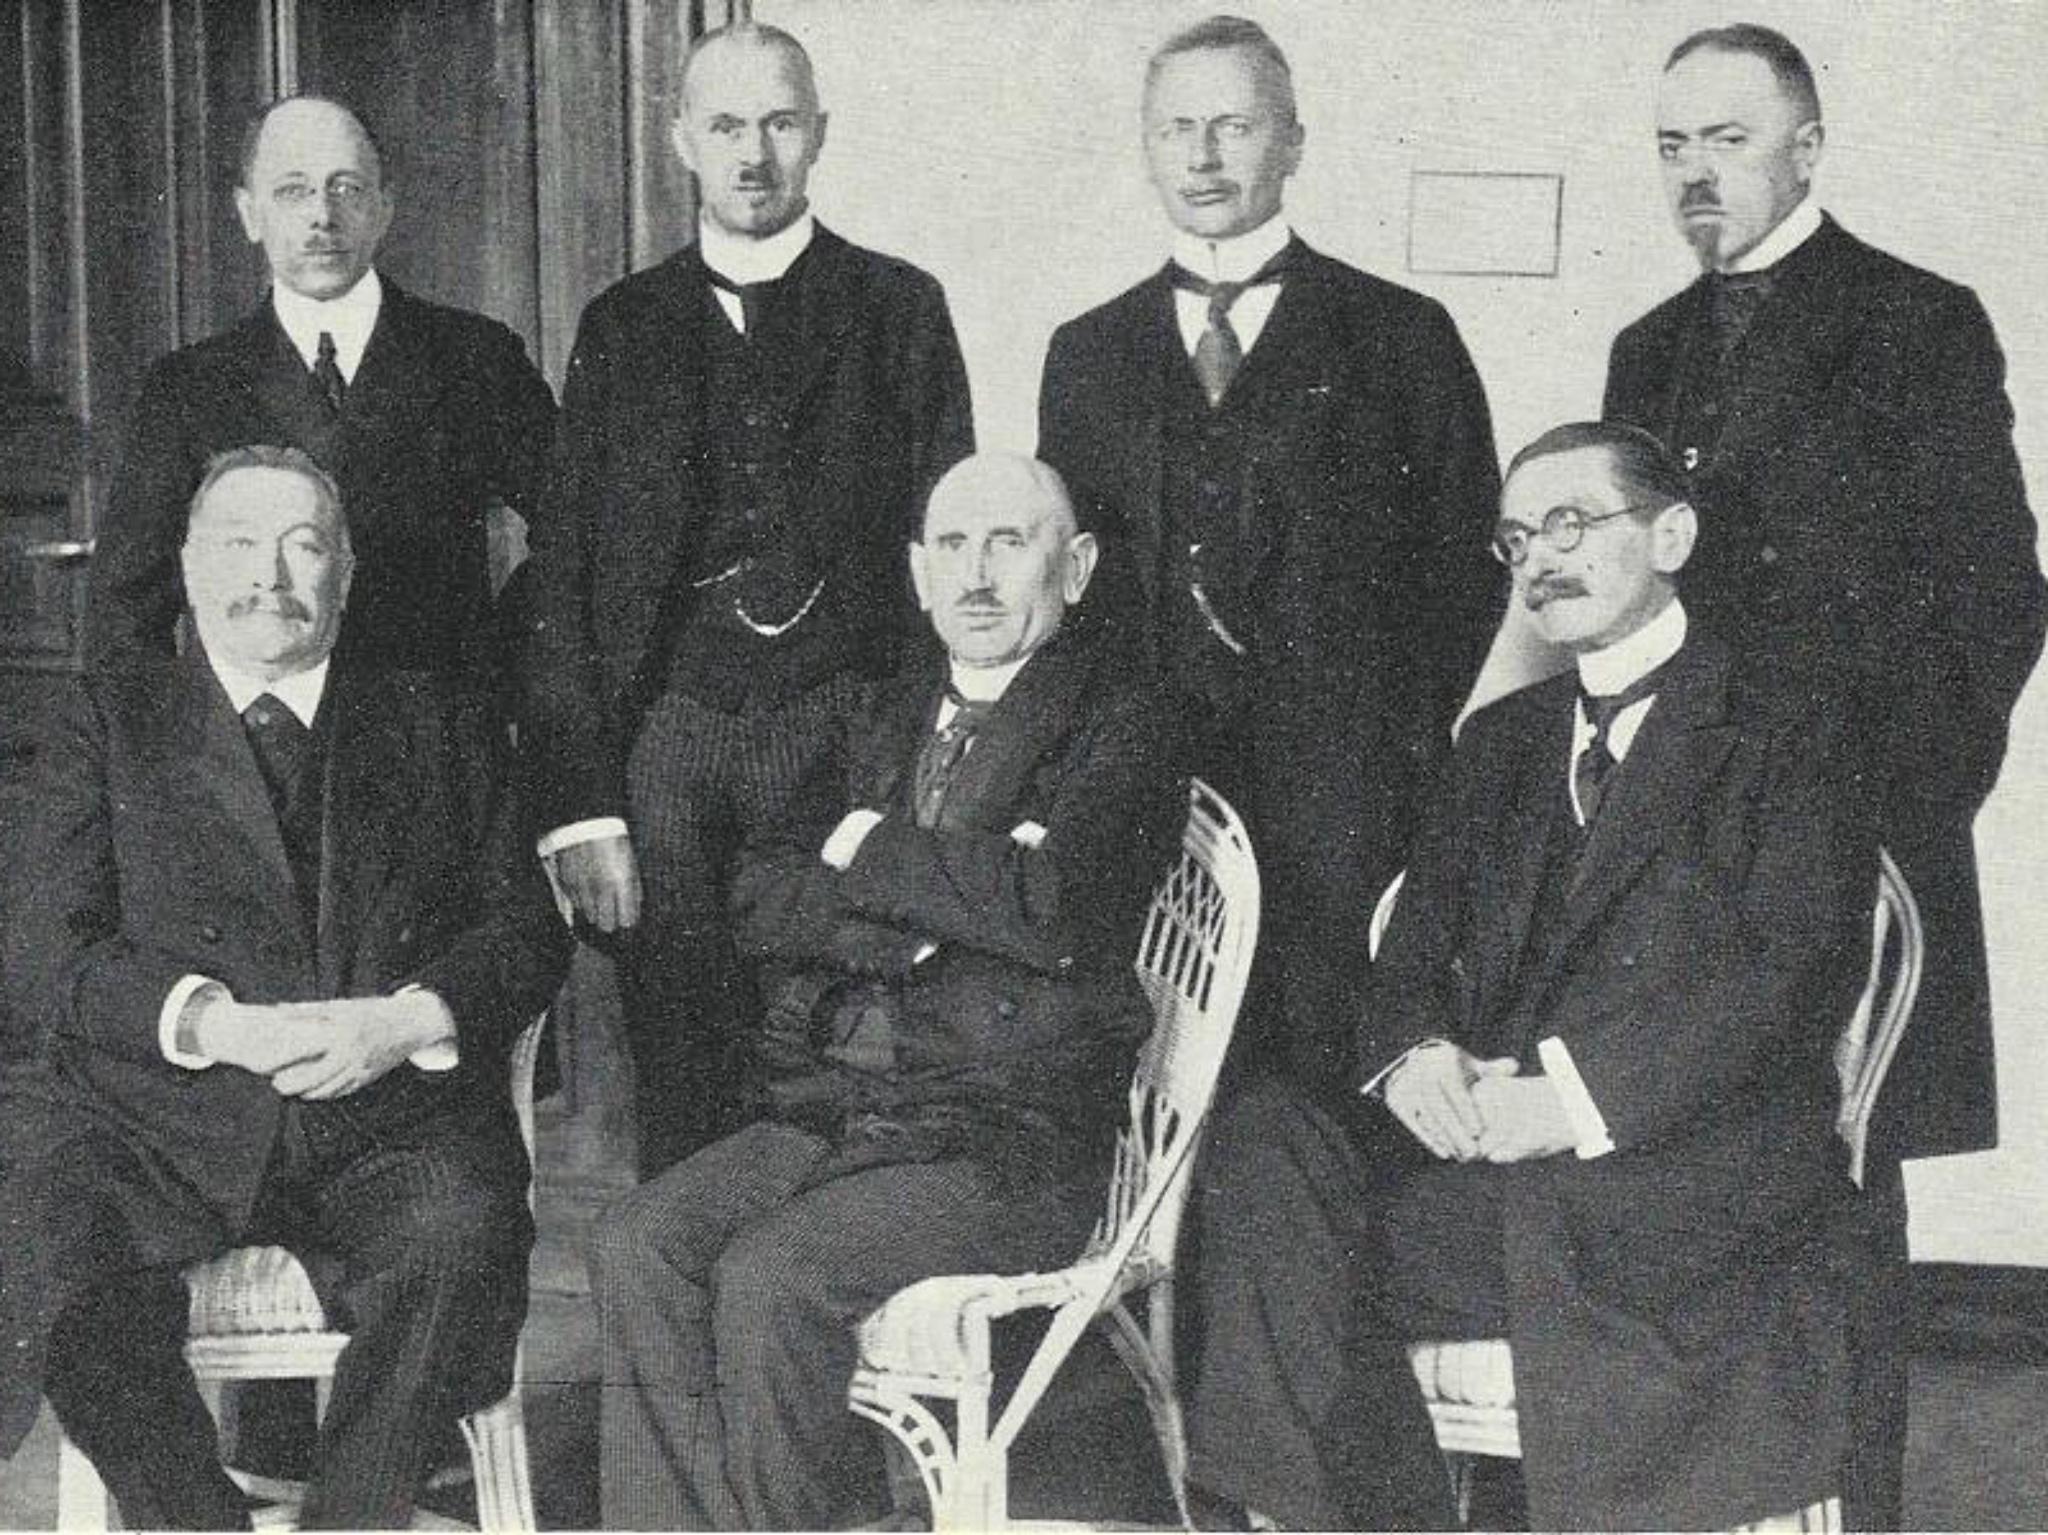 Preußischer Ministerpräsident Adam Stegerwald mit Kabinett. Archiv: Willi Dürrnagel